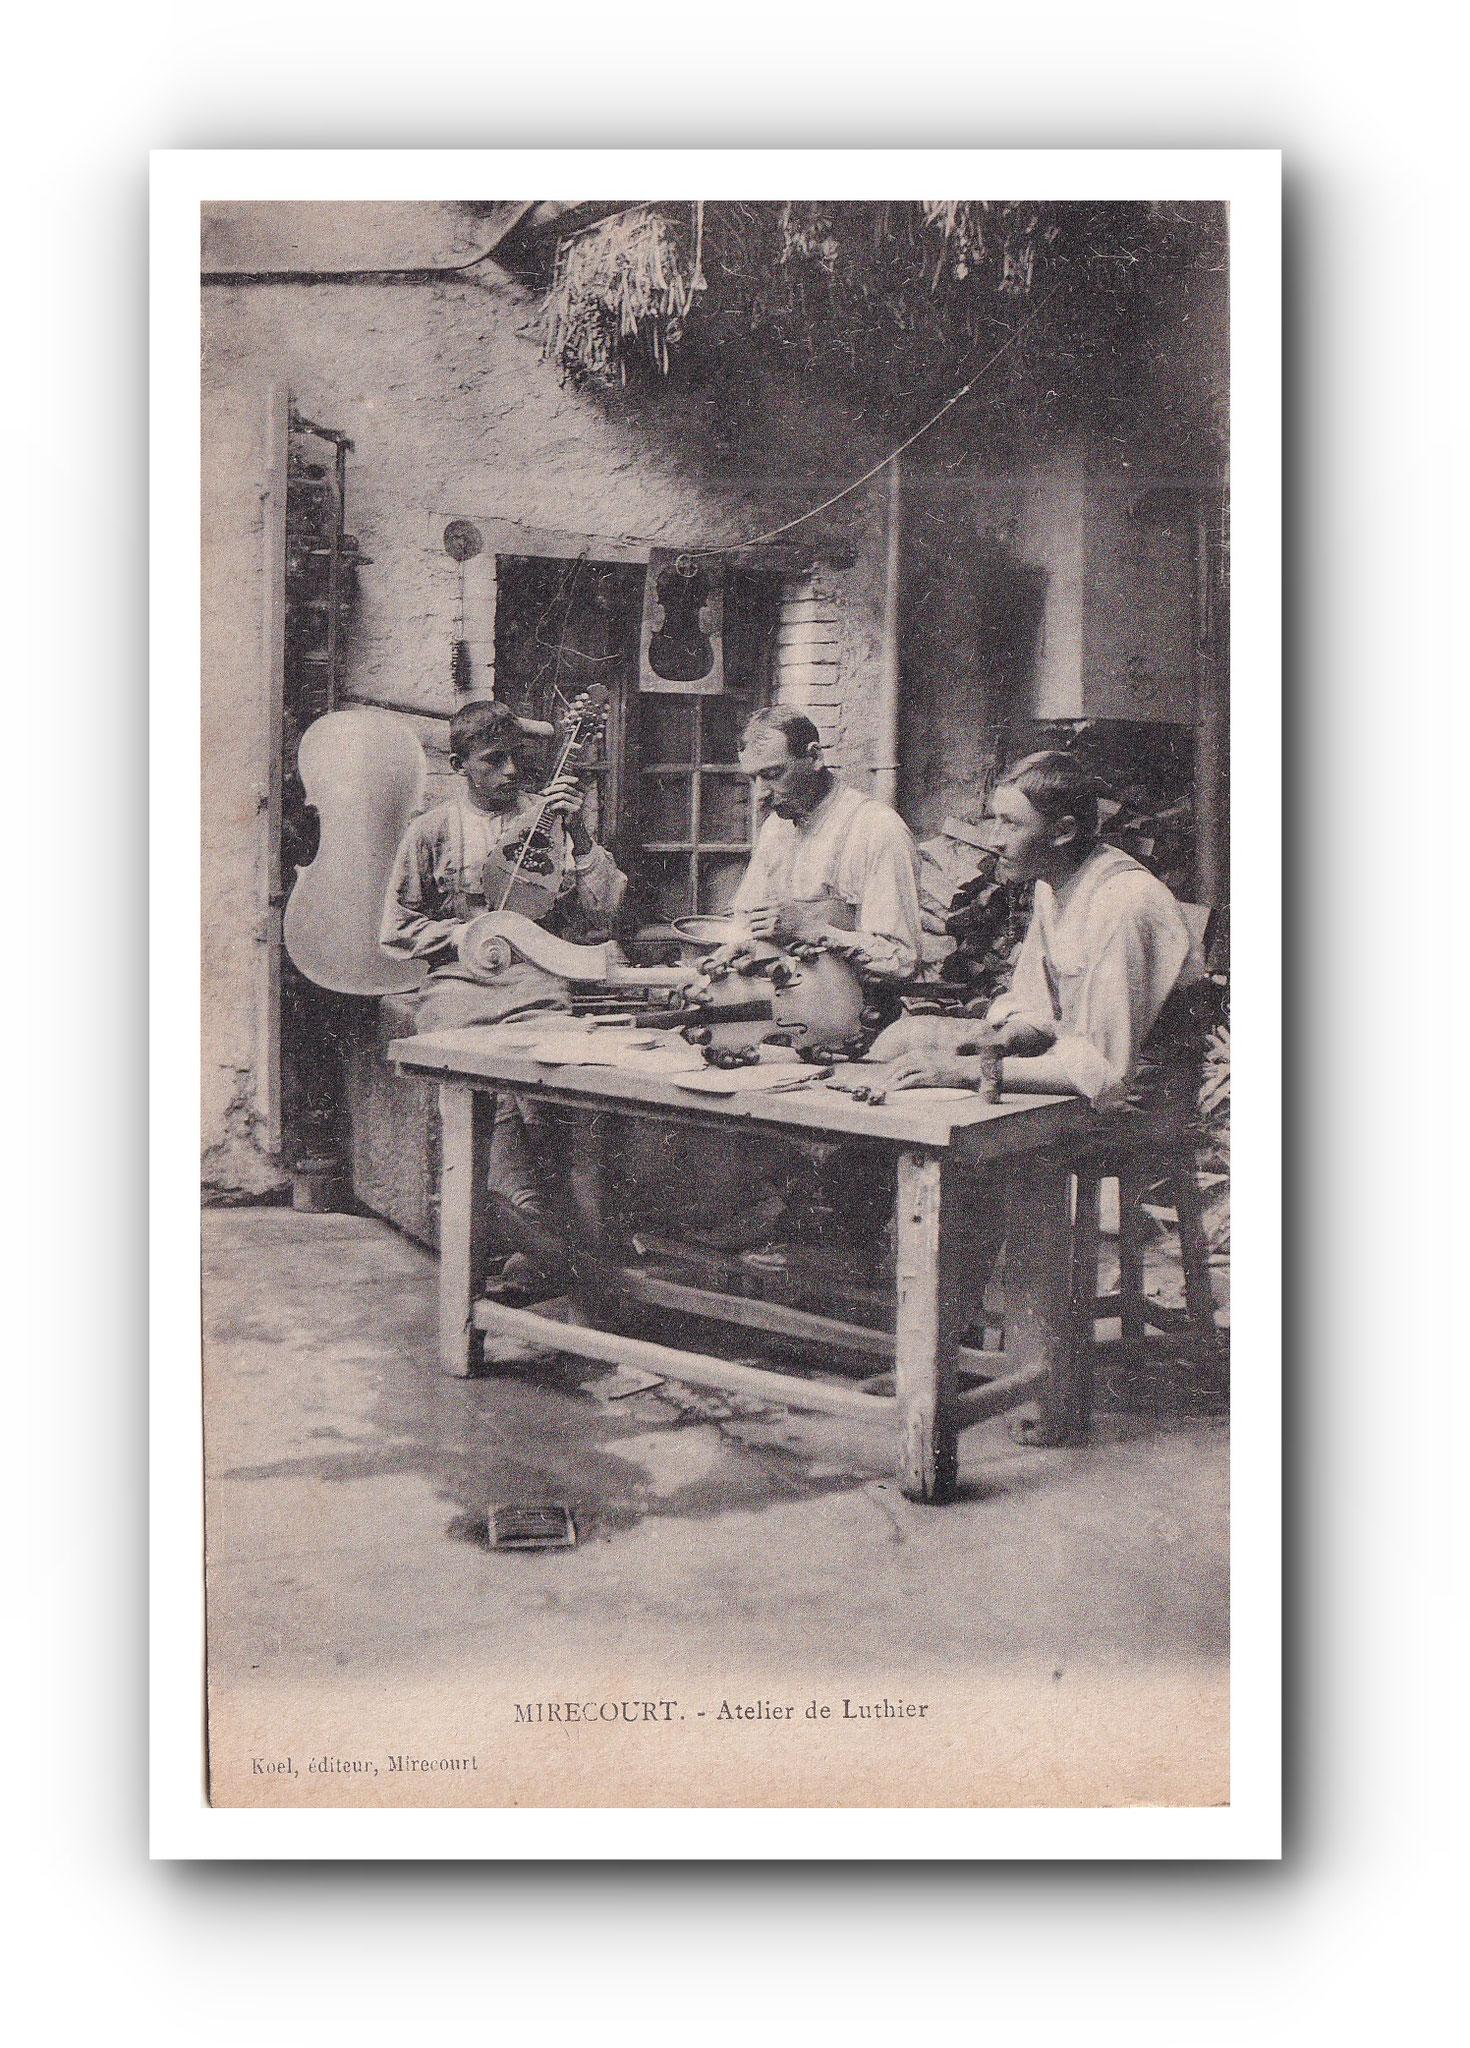 MIRECOURT -Atelier de Luthier - Werkstatt des Geigenbauers - Violin maker's workshop